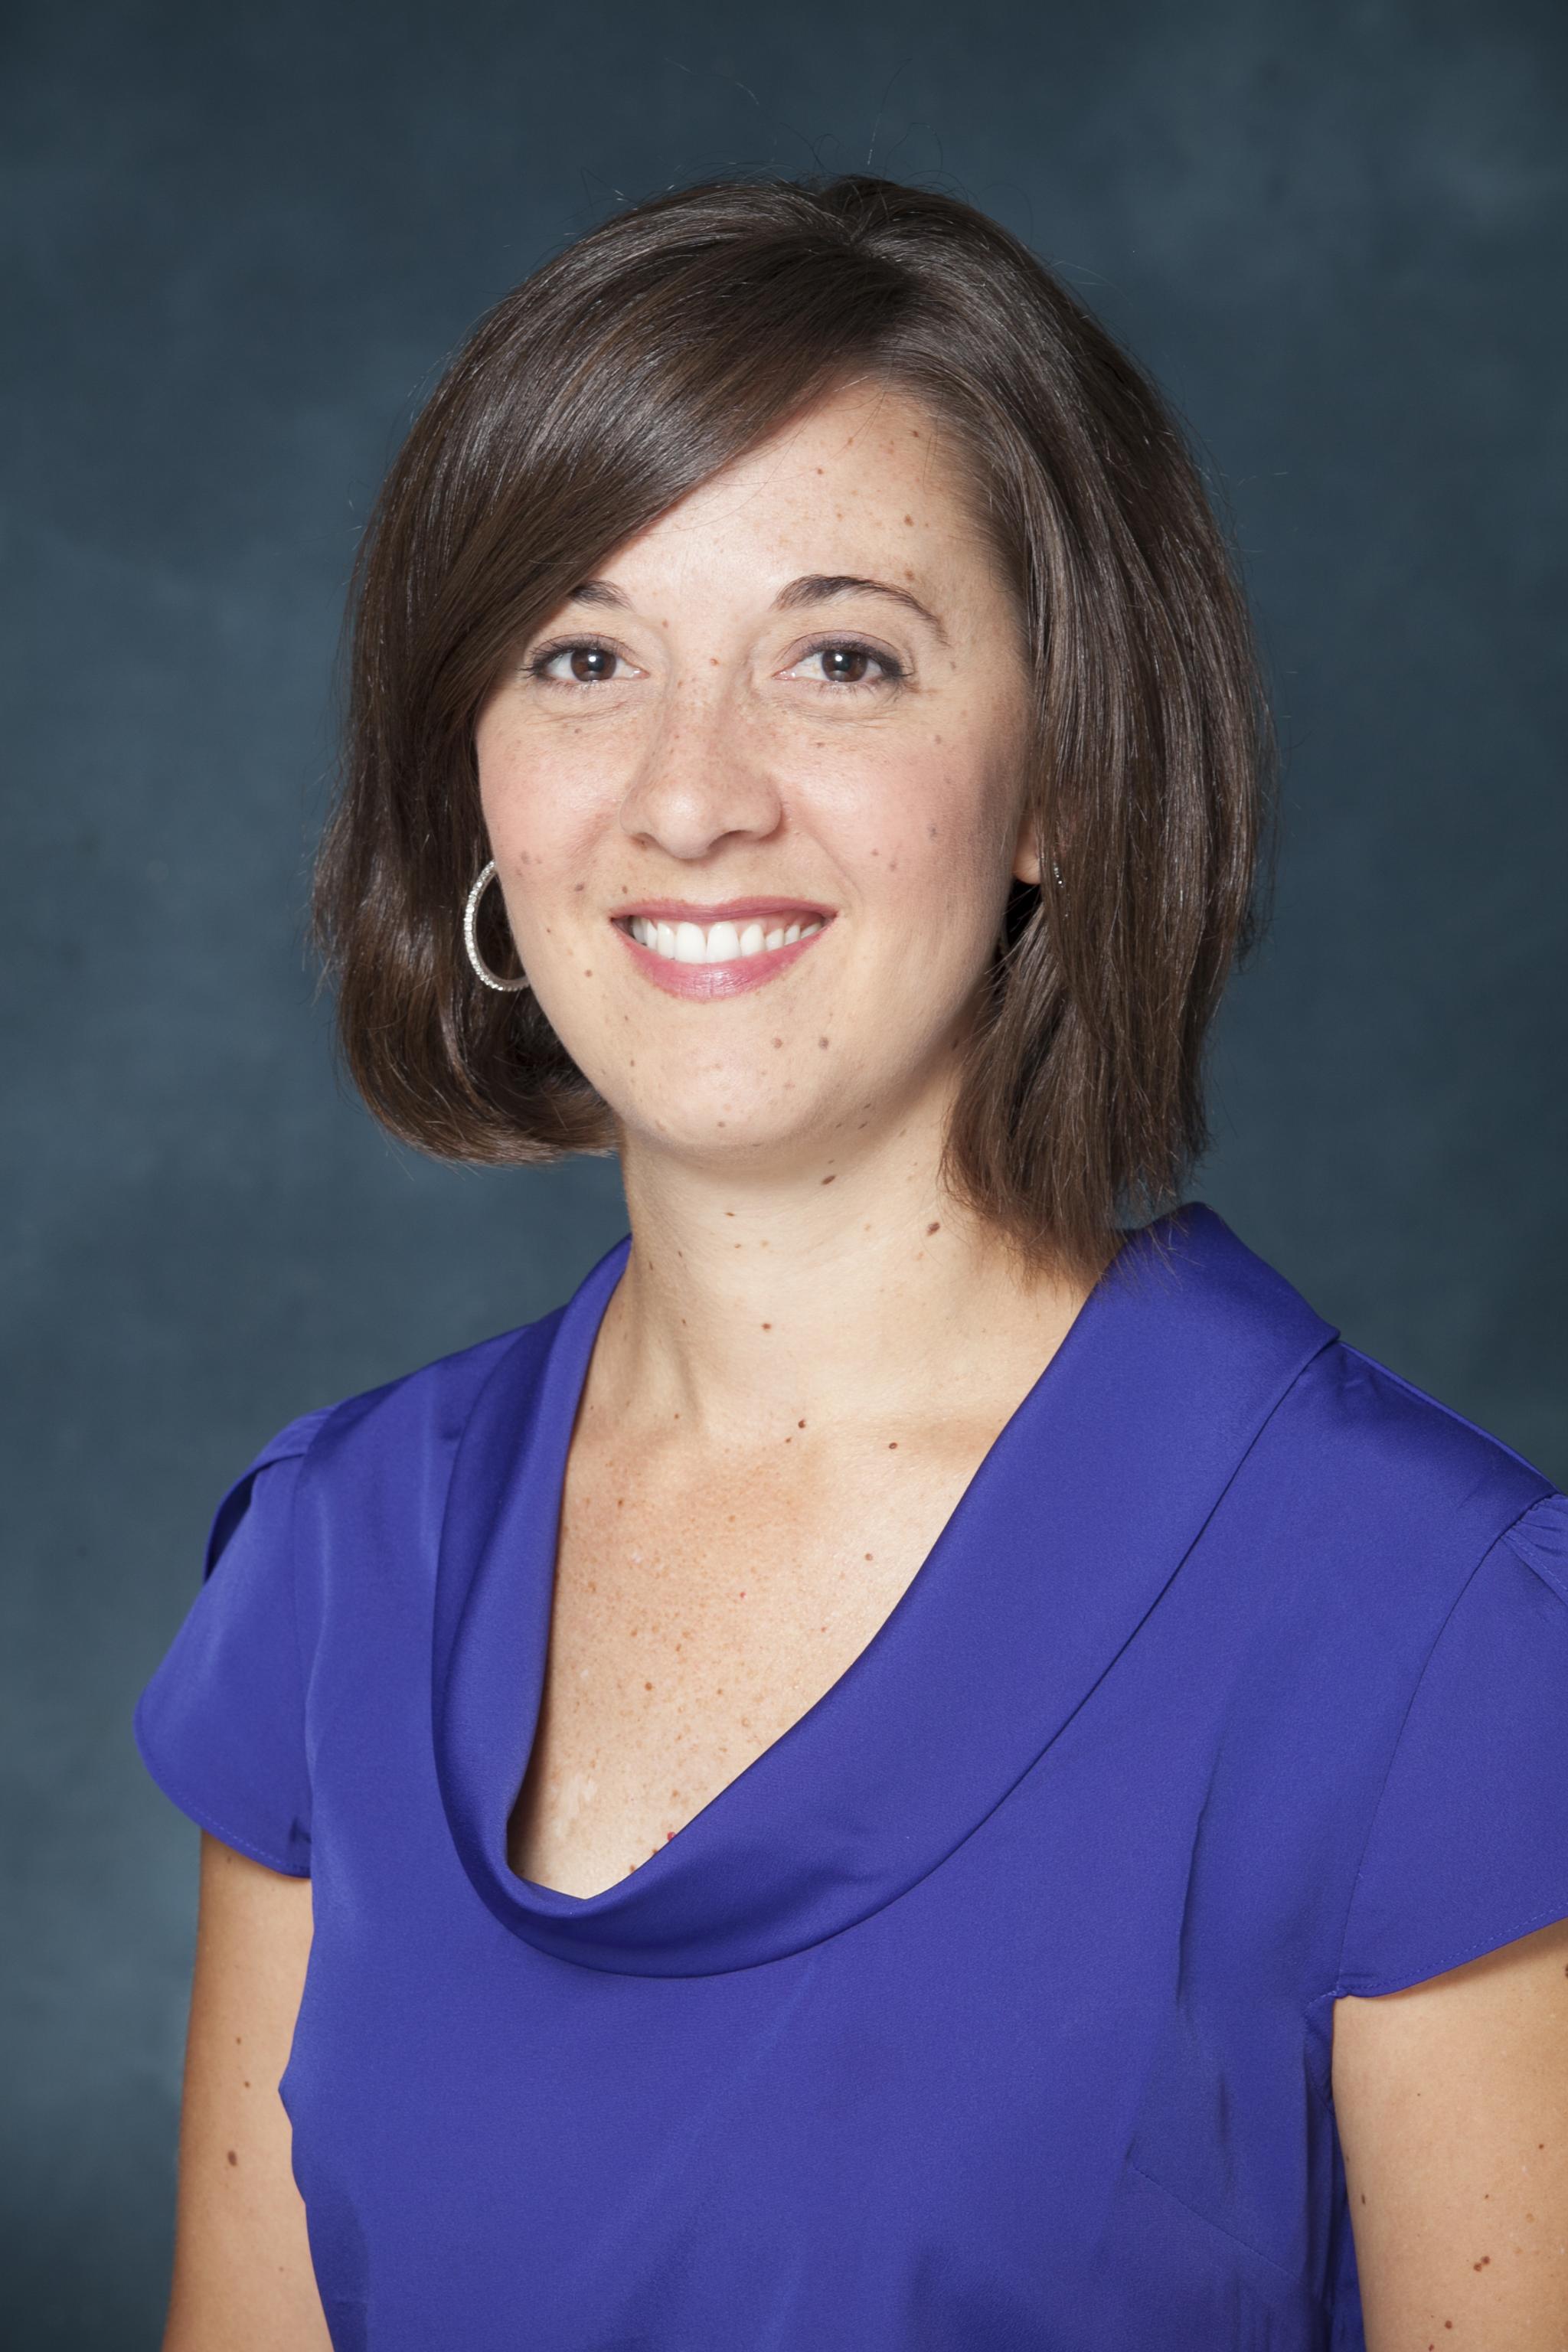 Valerie Jurgens, MD